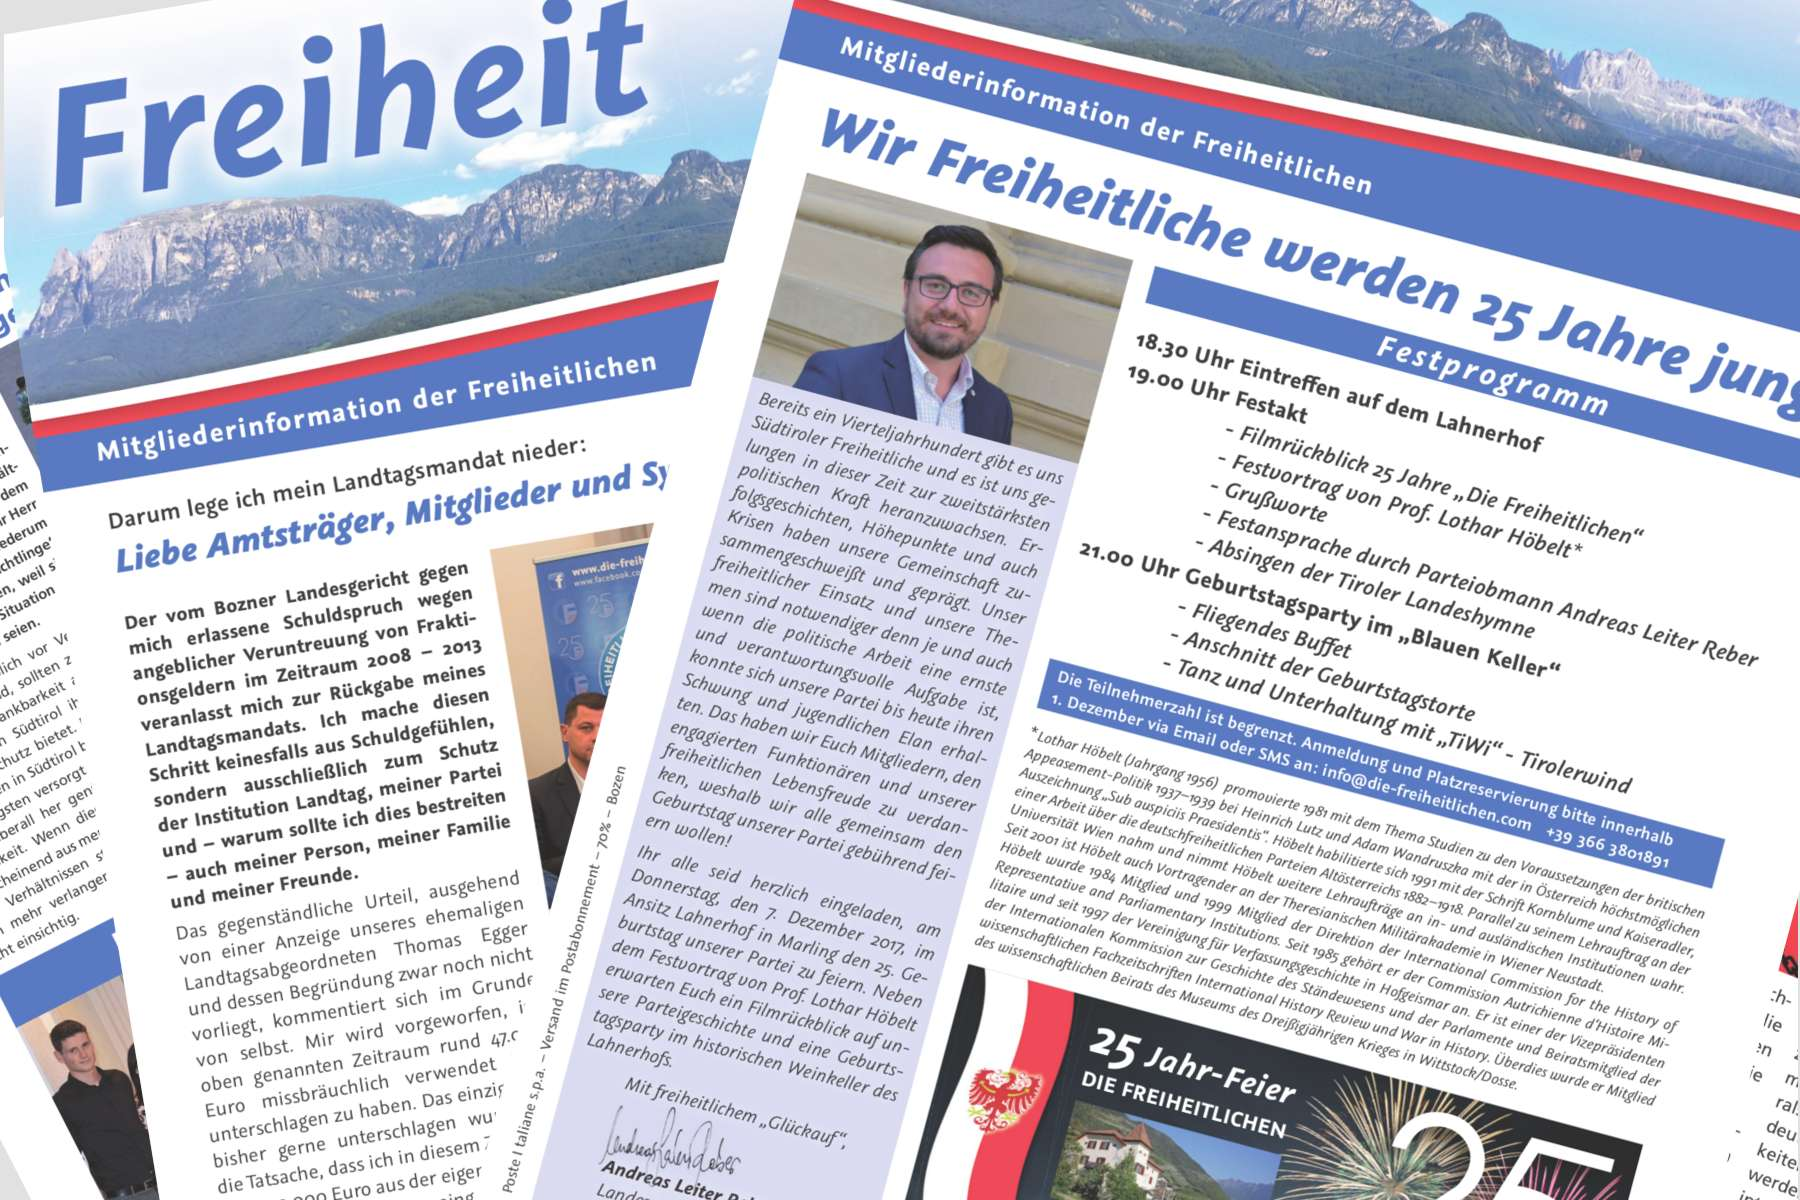 Die Freiheit, Ausgabe Nr. 4 – 2017